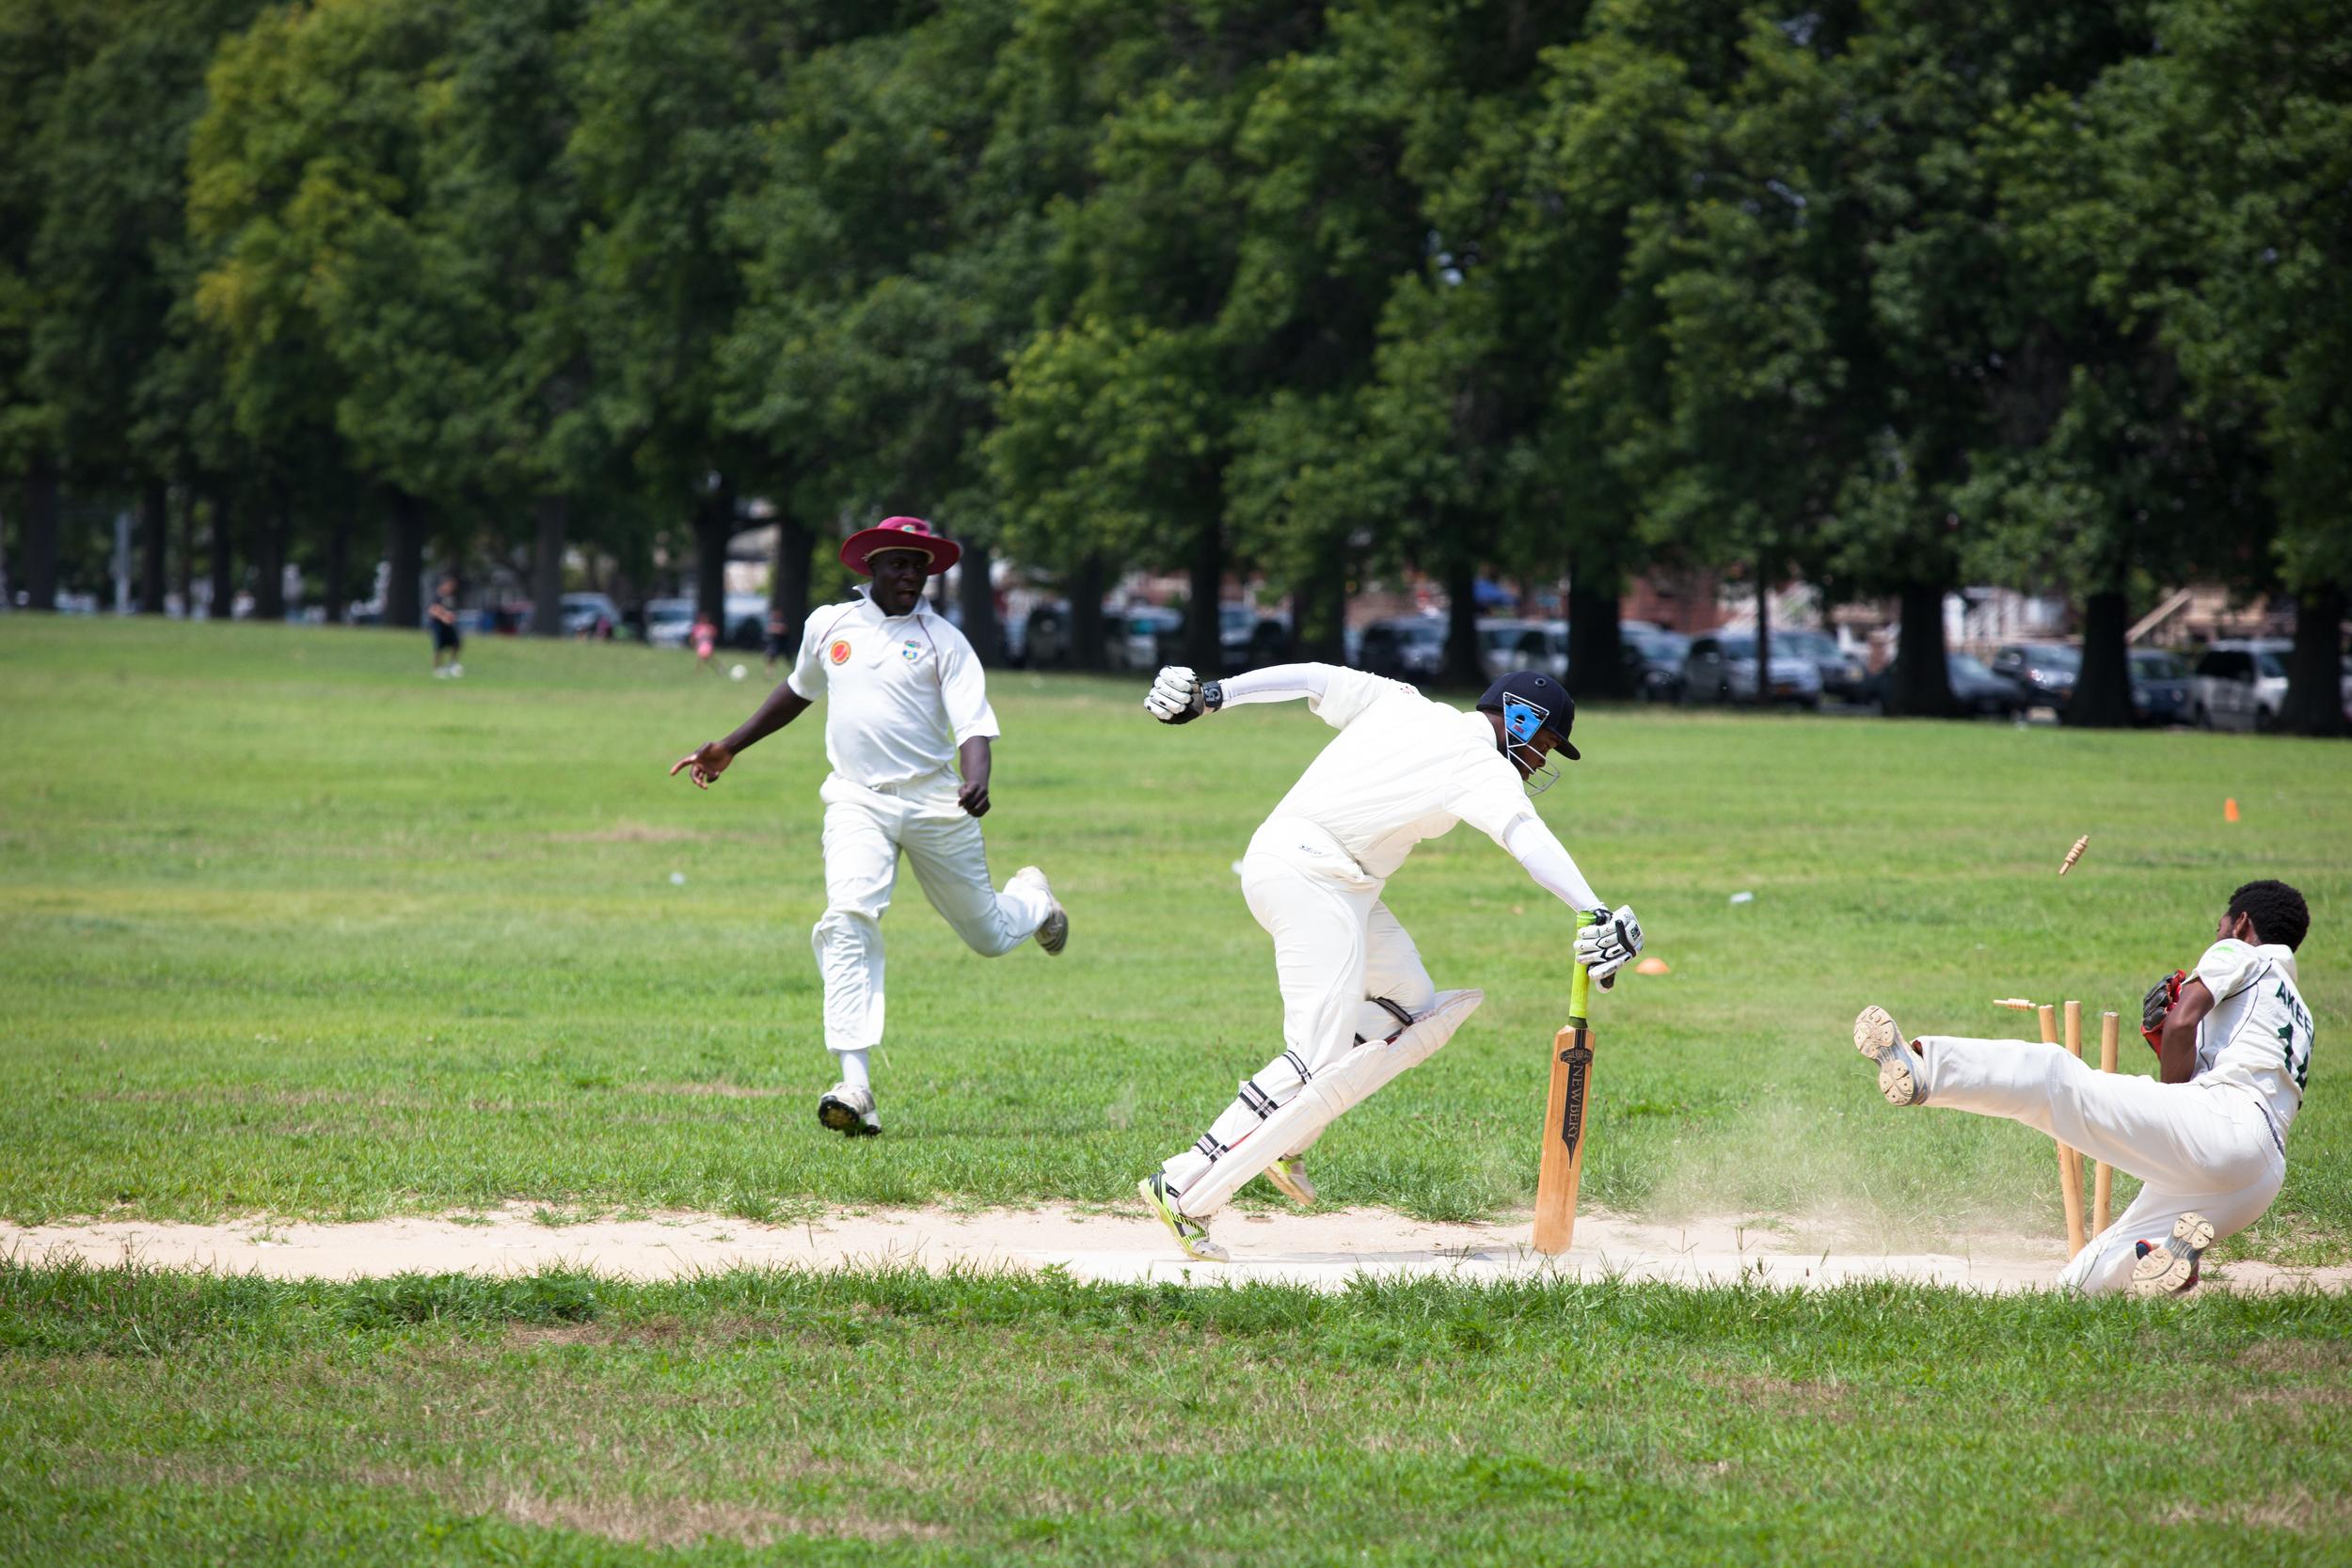 BKLYNR-Cricket-JasonBergman-011.jpg